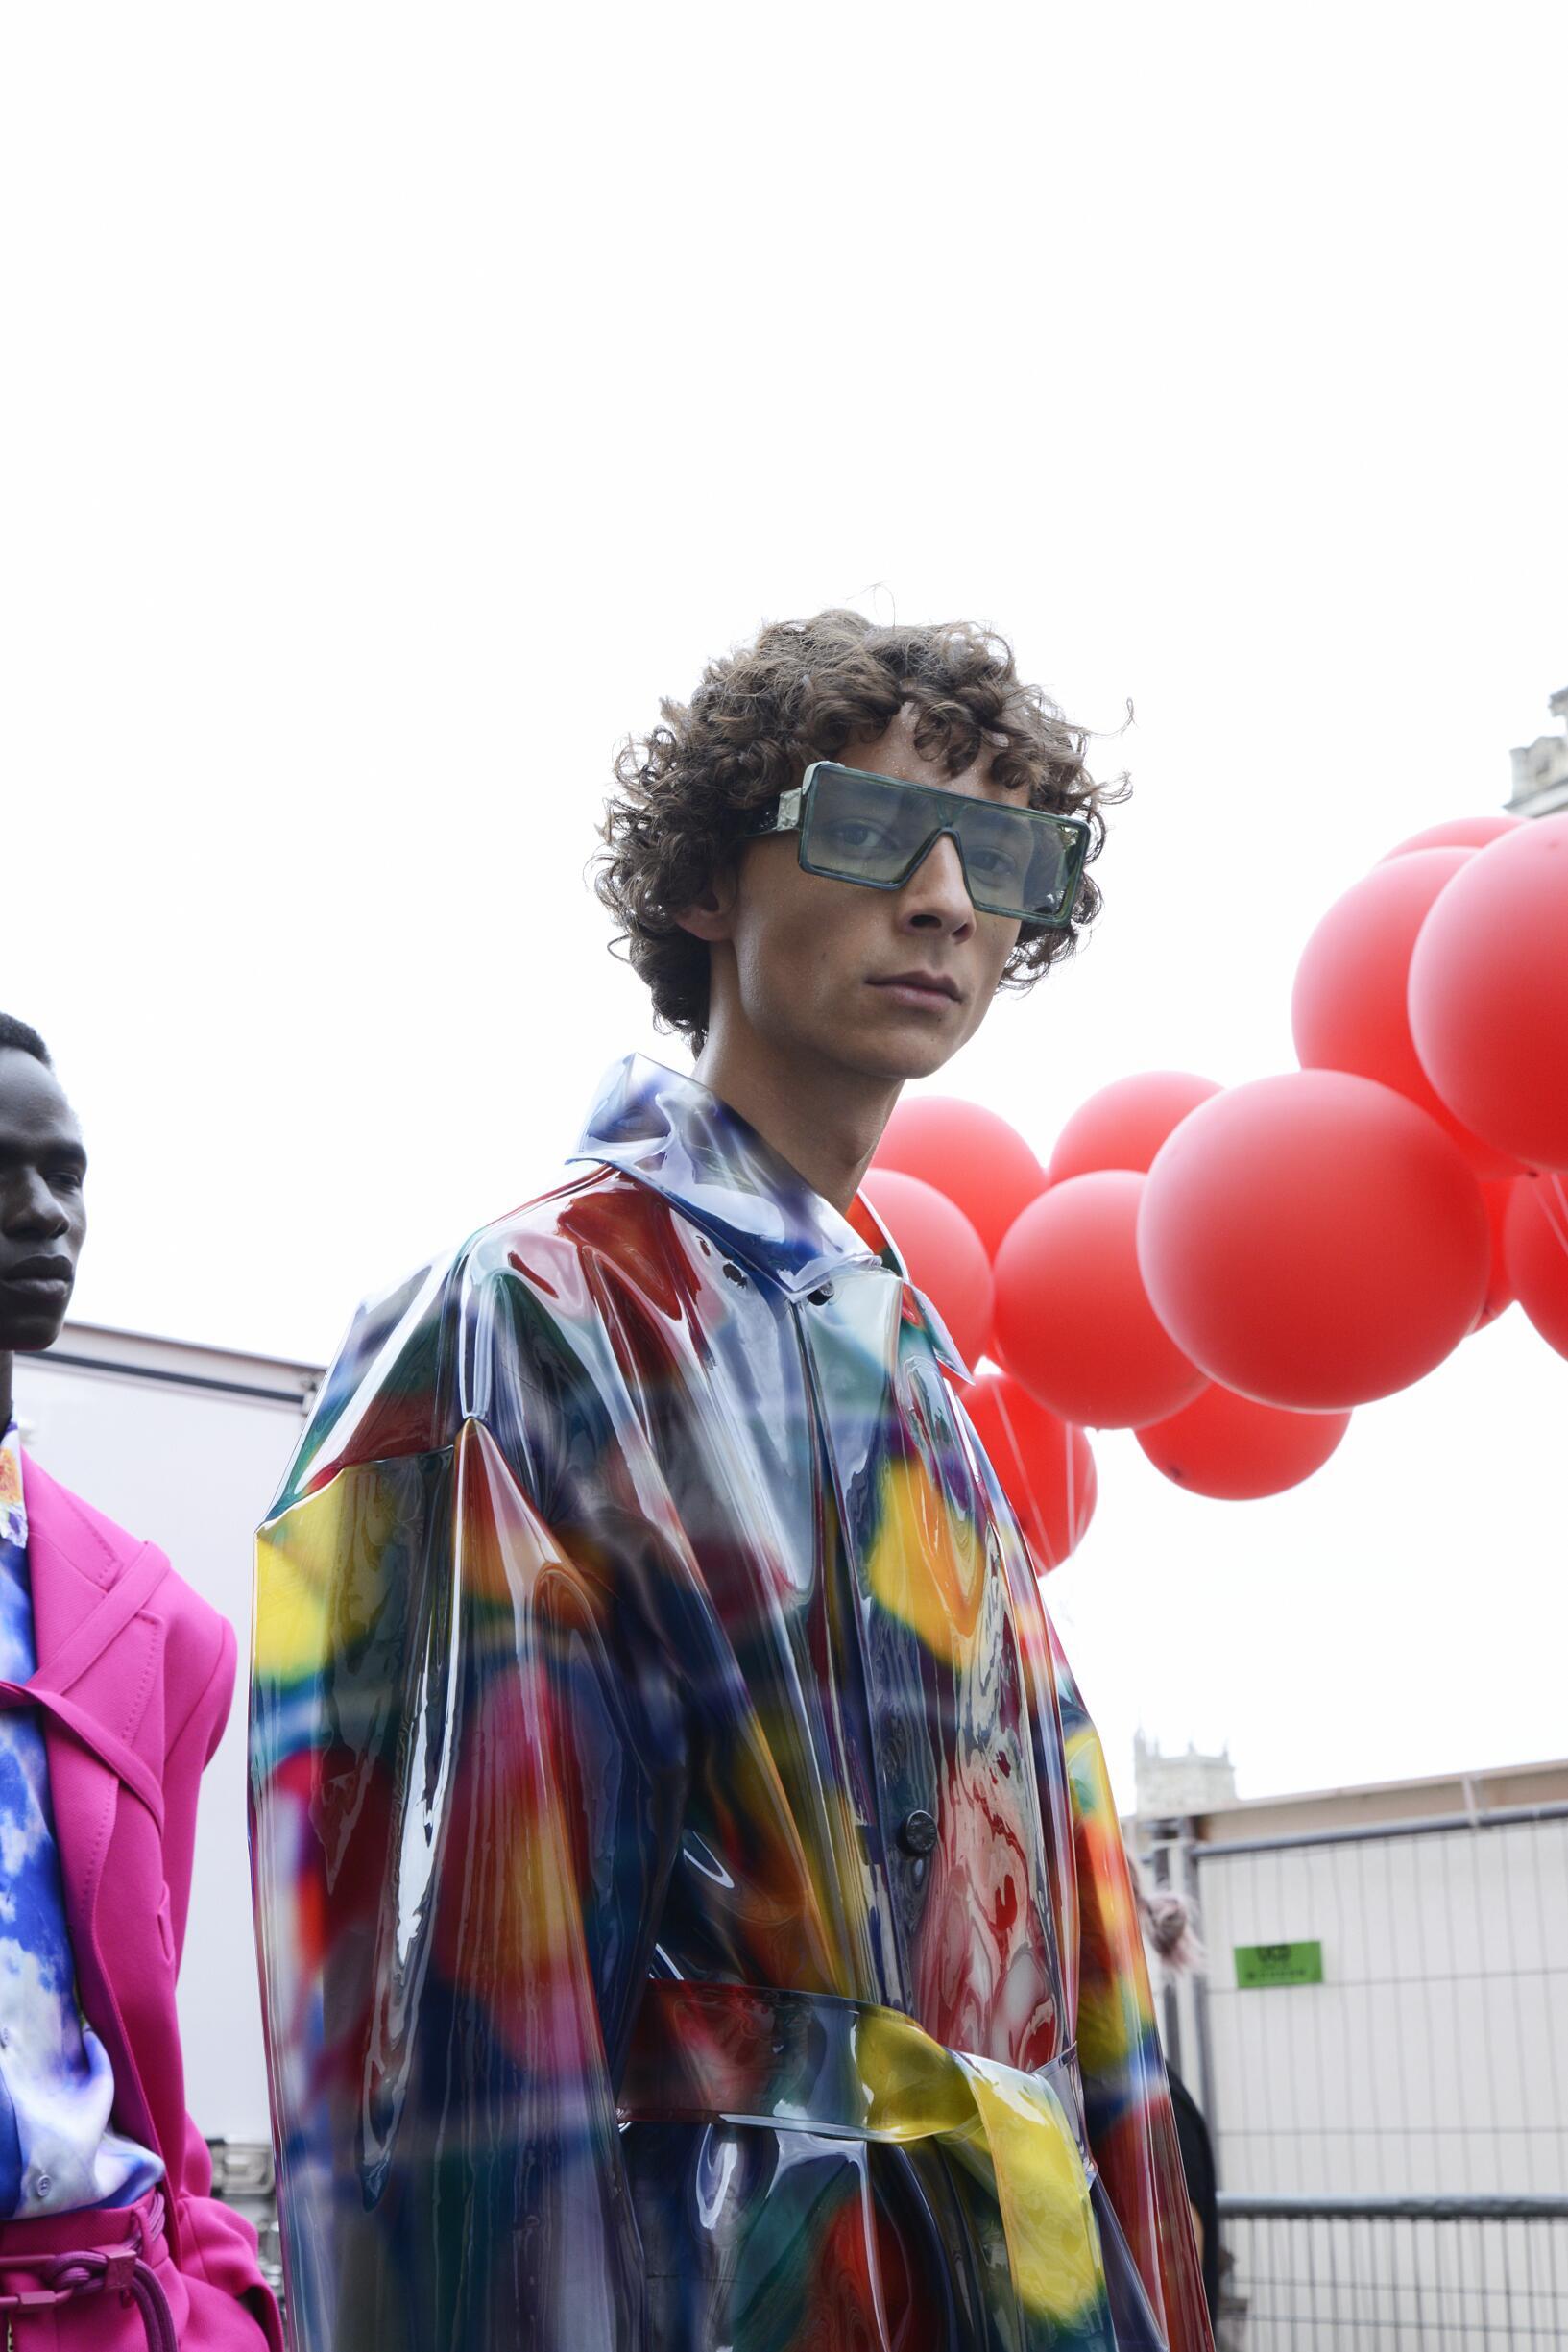 Backstage Louis Vuitton Model Trends 2020